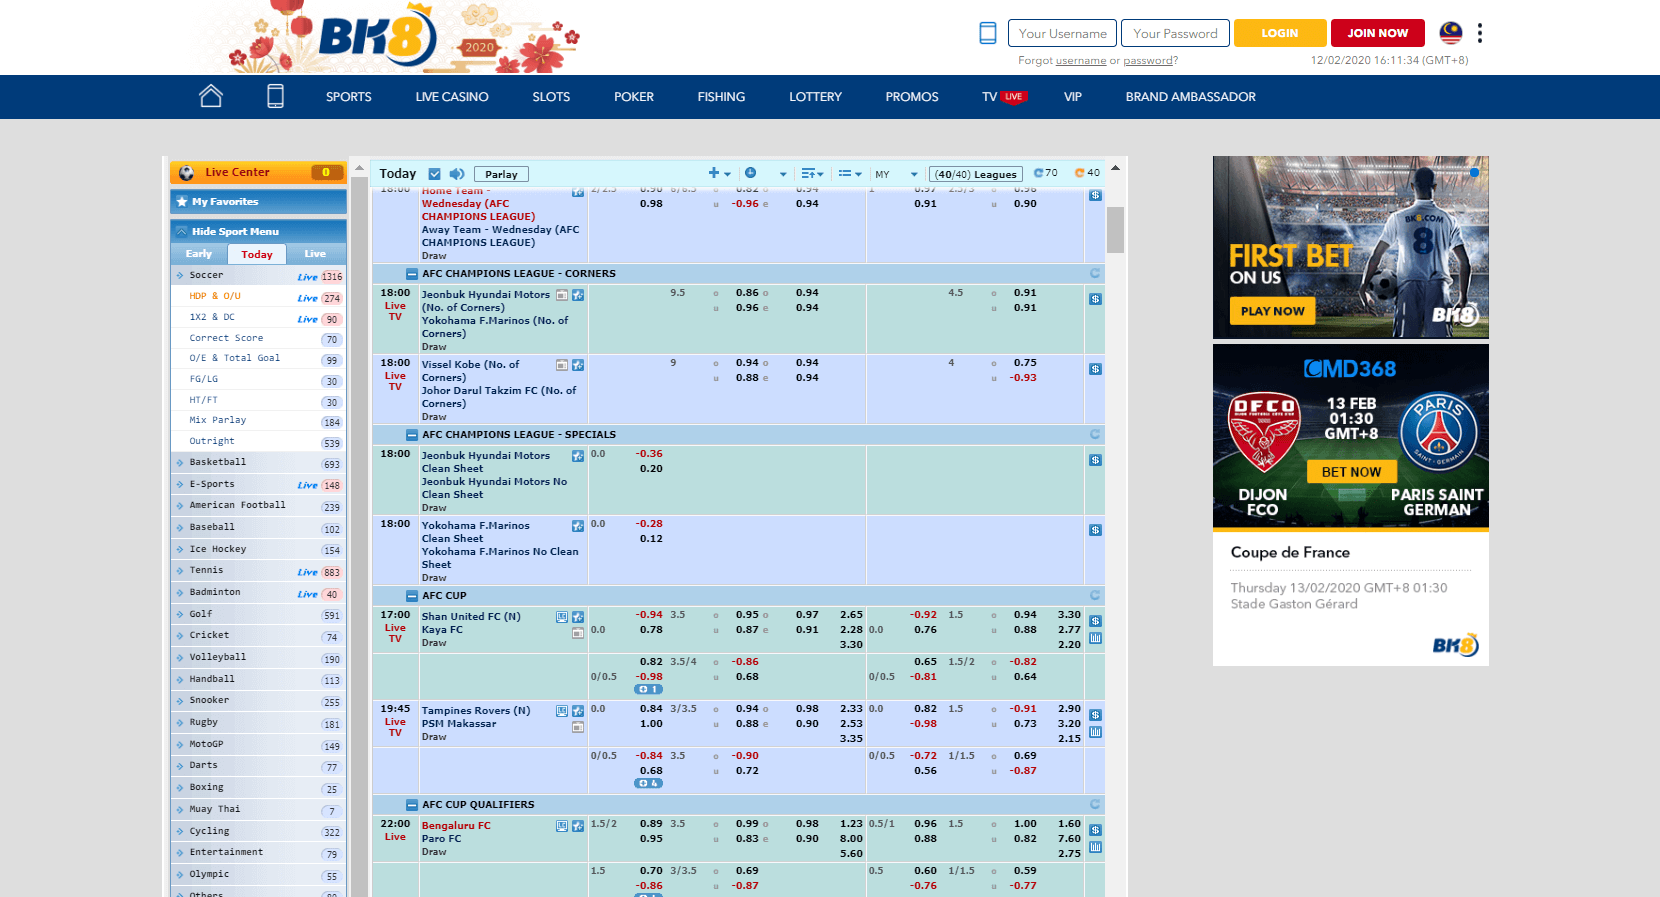 cmd368 sportsbook